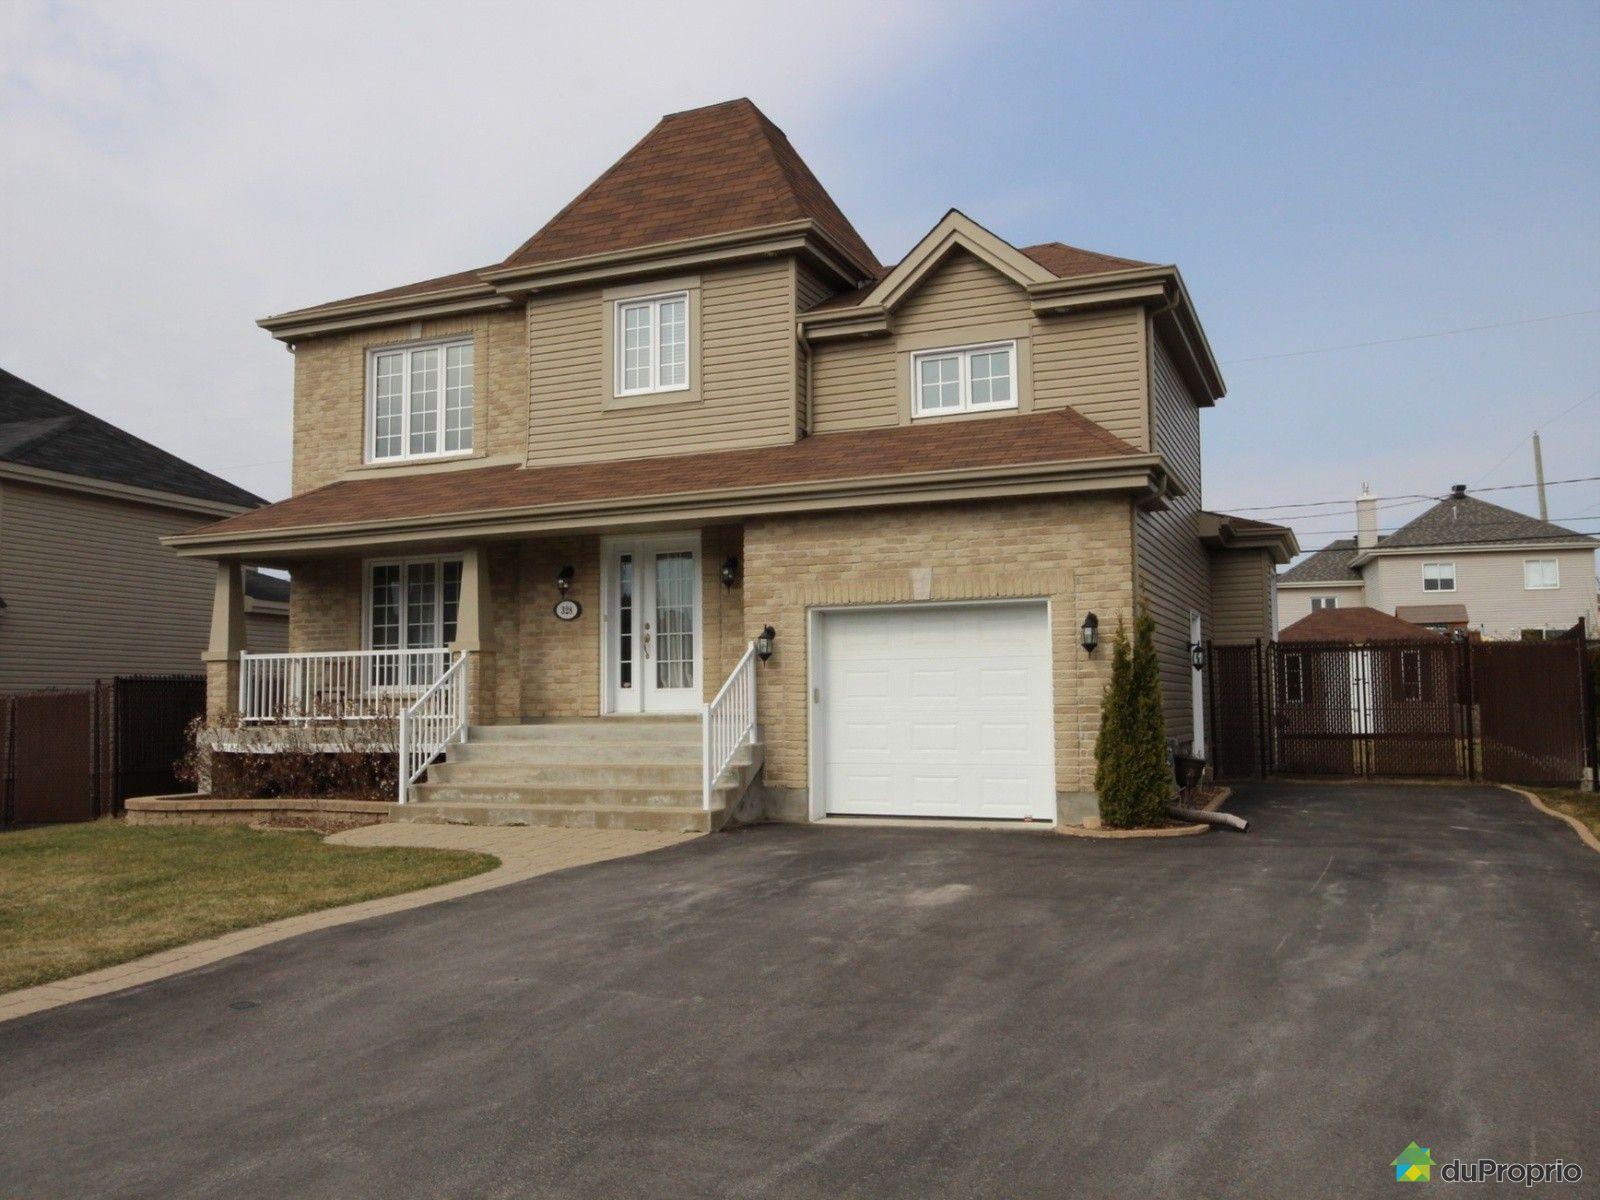 Maison vendre terrebonne 328 rue de plaisance - Plan de maison quebec ...